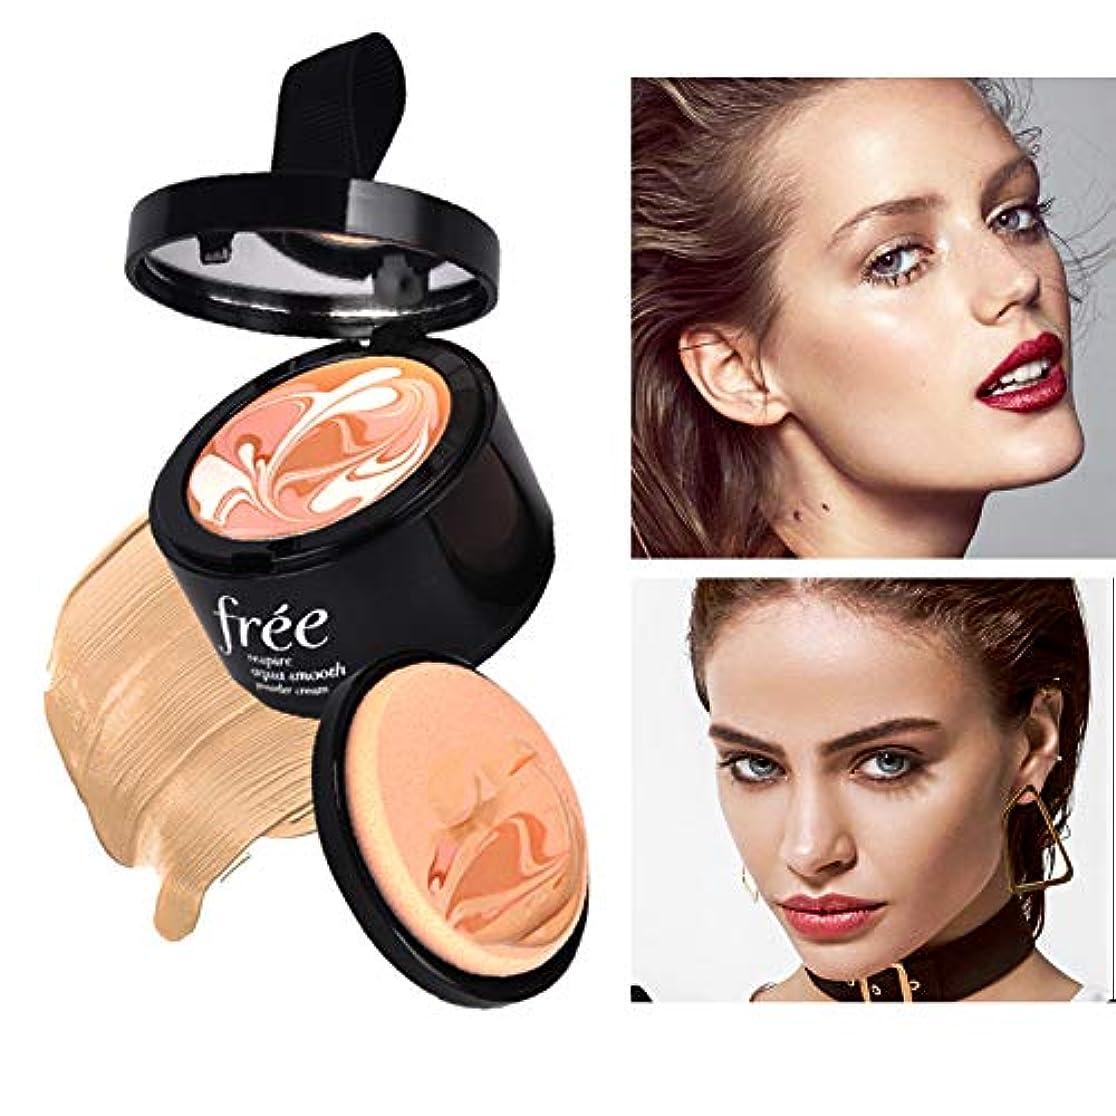 拒絶する上へ市区町村Foundation Cream Concealer moisturizing Whitening flawless makeup For Face Beauty Base Makeup ファンデーションクリームコンシーラーモイスチャライジングホワイトニングフェイシャルメイクアップフェイシャルビューティベースメイクアップ